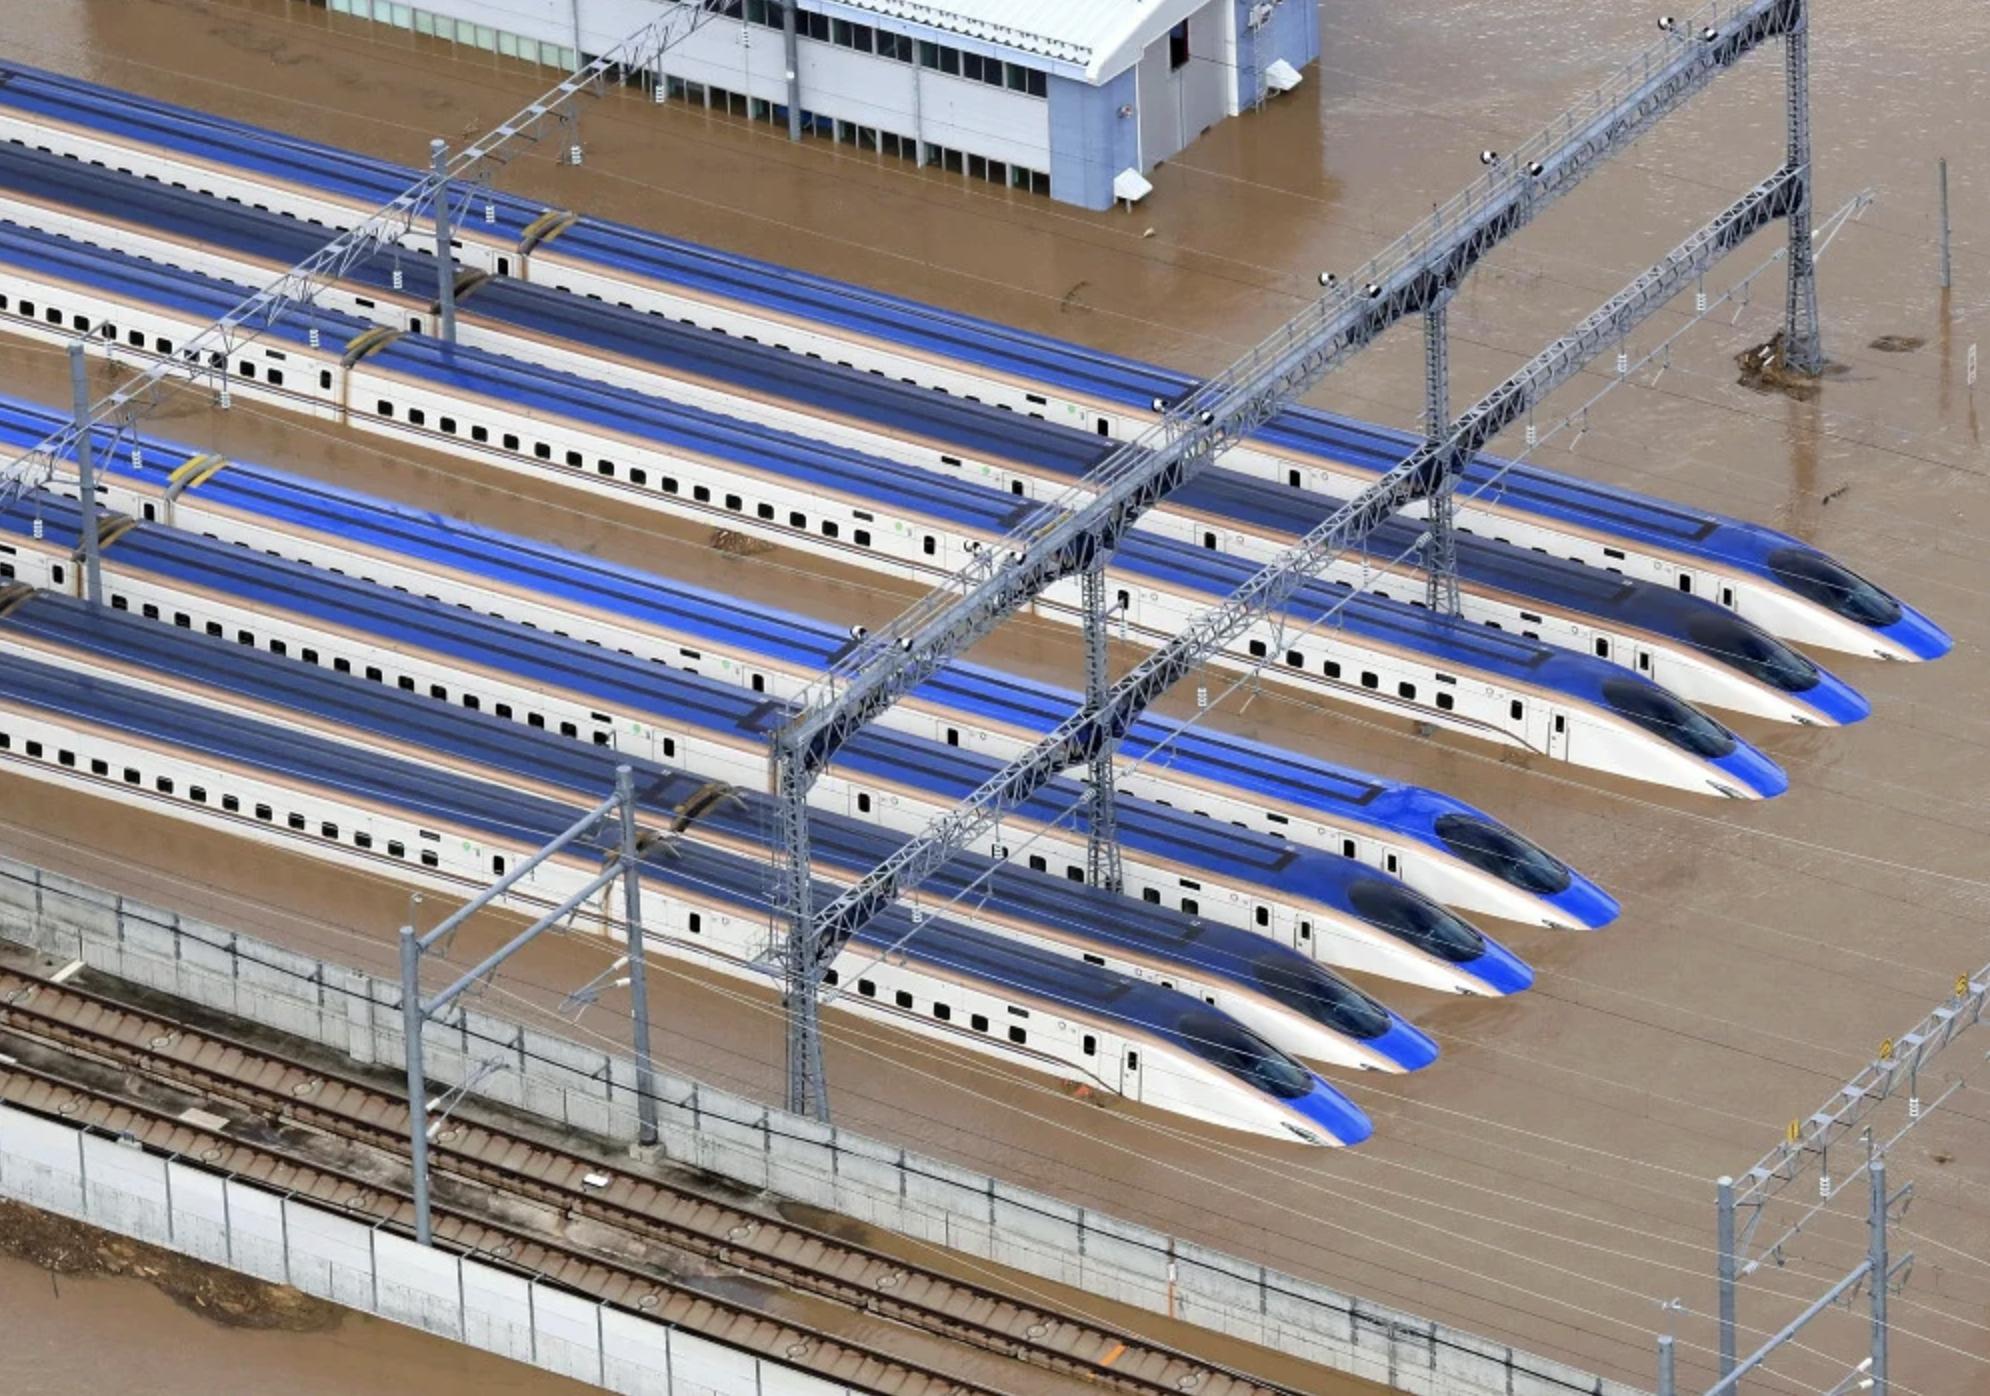 臨時はくたか運行時間や乗り継ぎは?北陸新幹線かがやき水没復旧はいつまで?